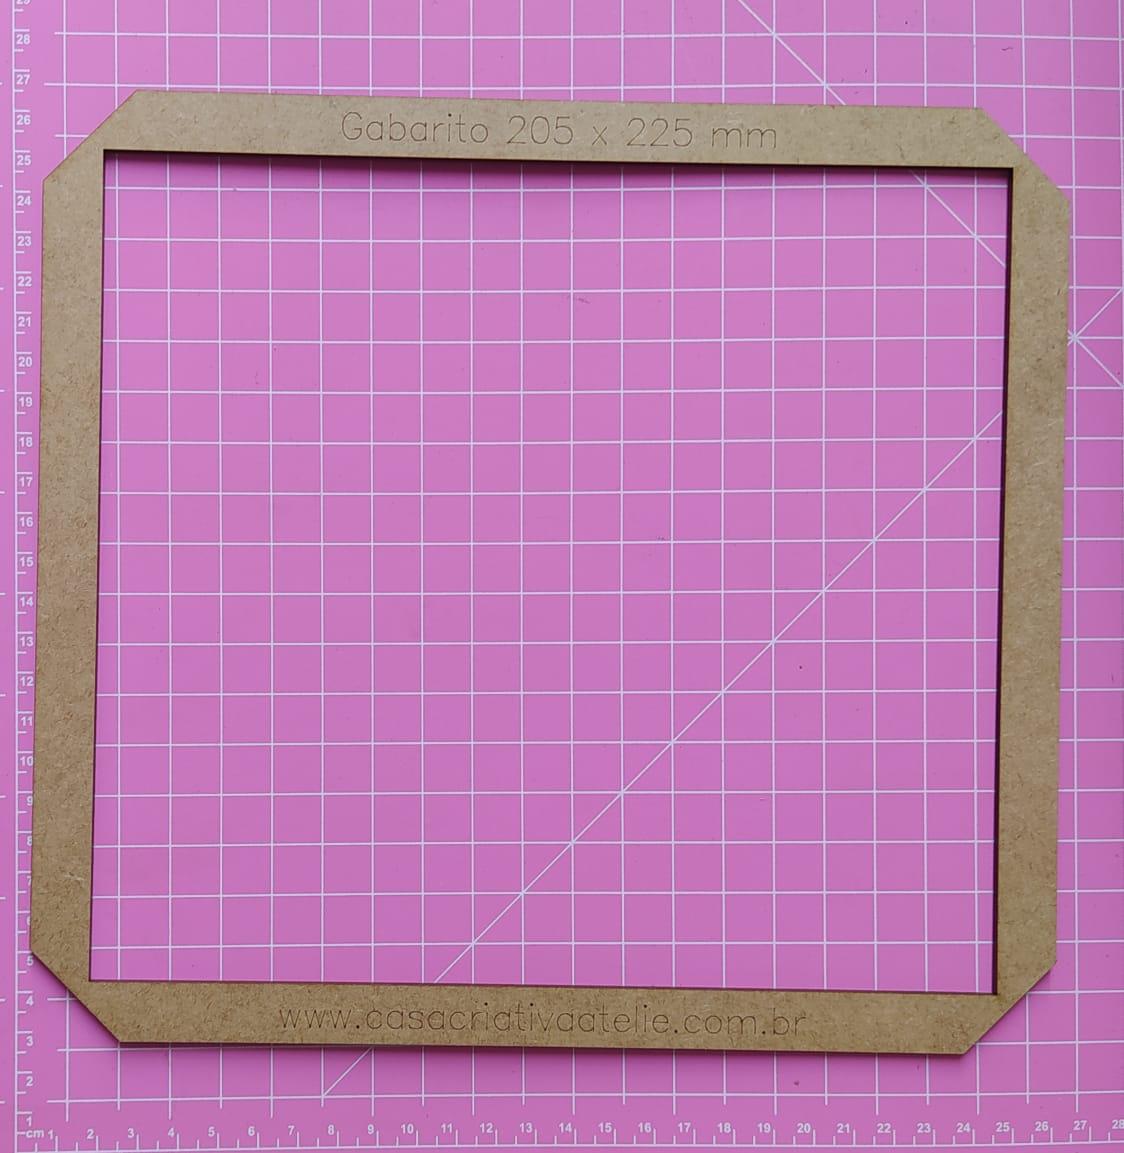 Gabarito MDF tipo moldura -  20,5x22,5cm - Álbum do Bebê - Encadernação e Cartonagem